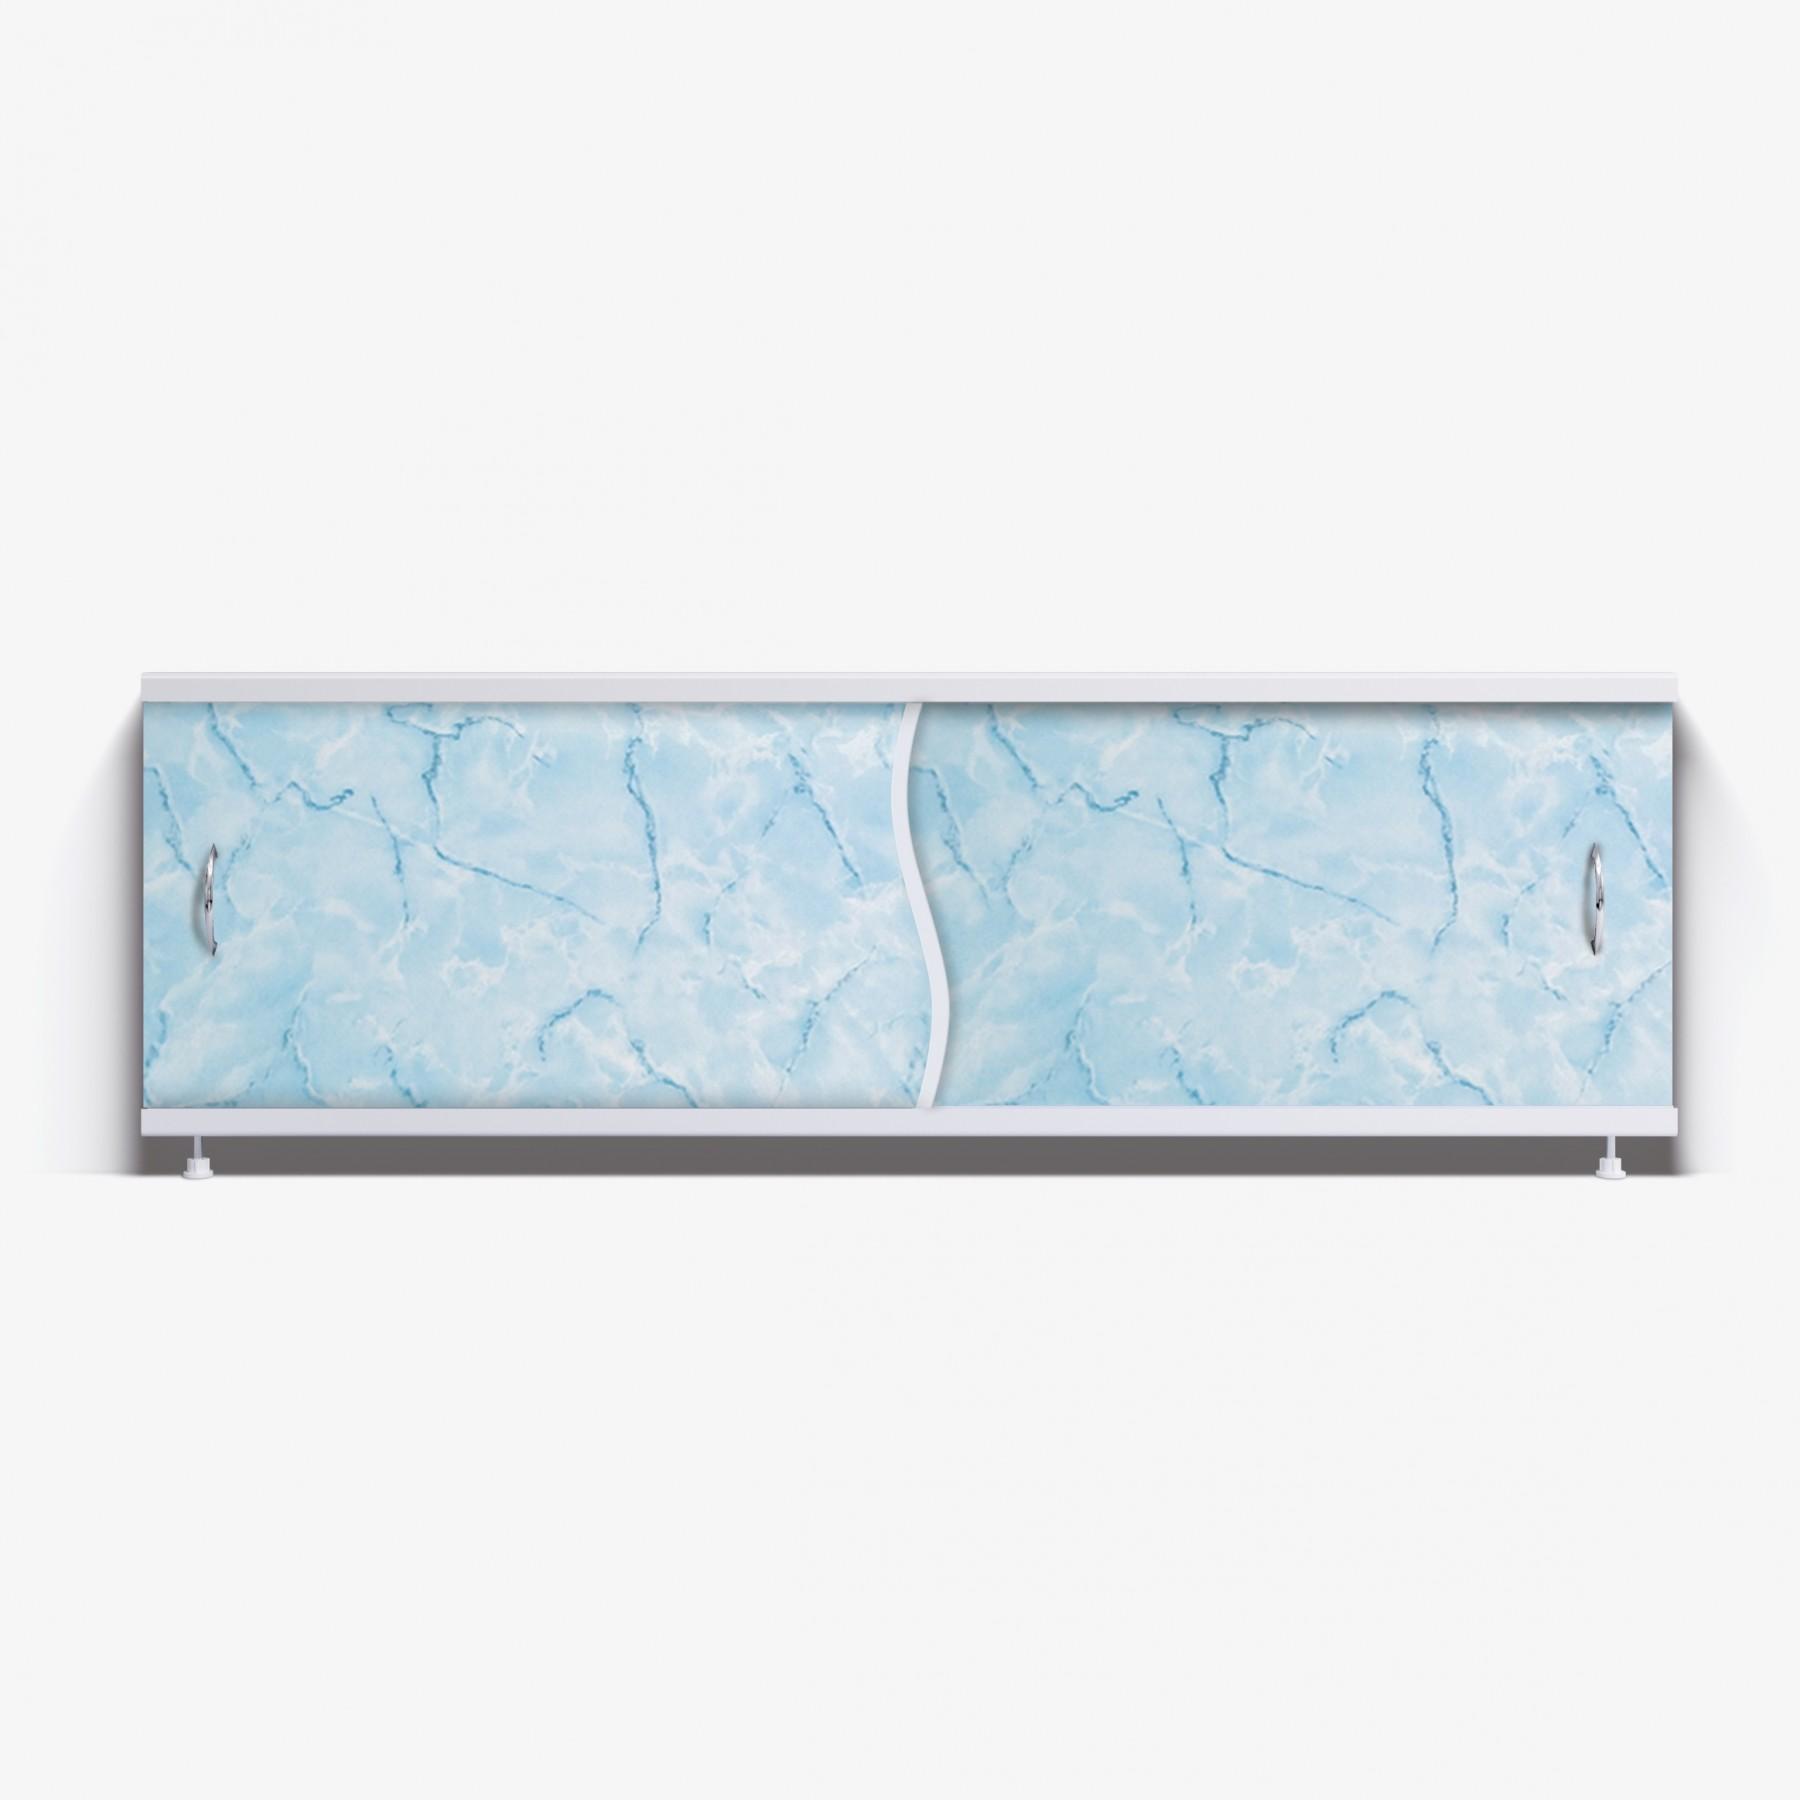 Экран под ванну Премьер 170 голубой мрамор